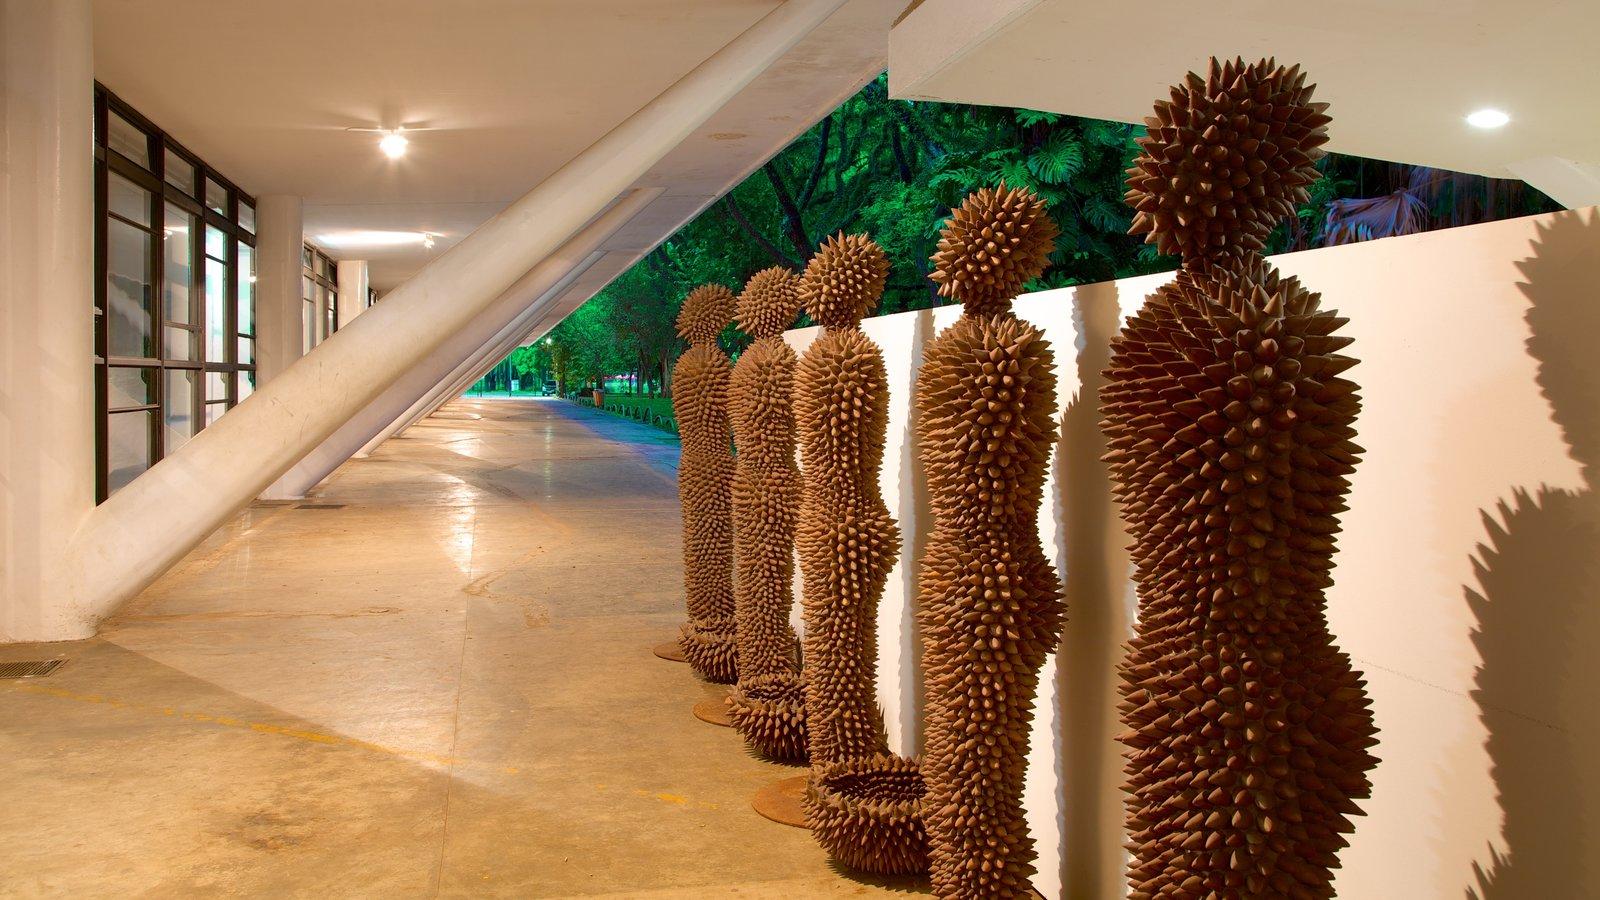 Parque do Ibirapuera mostrando arte, arte ao ar livre e vistas internas